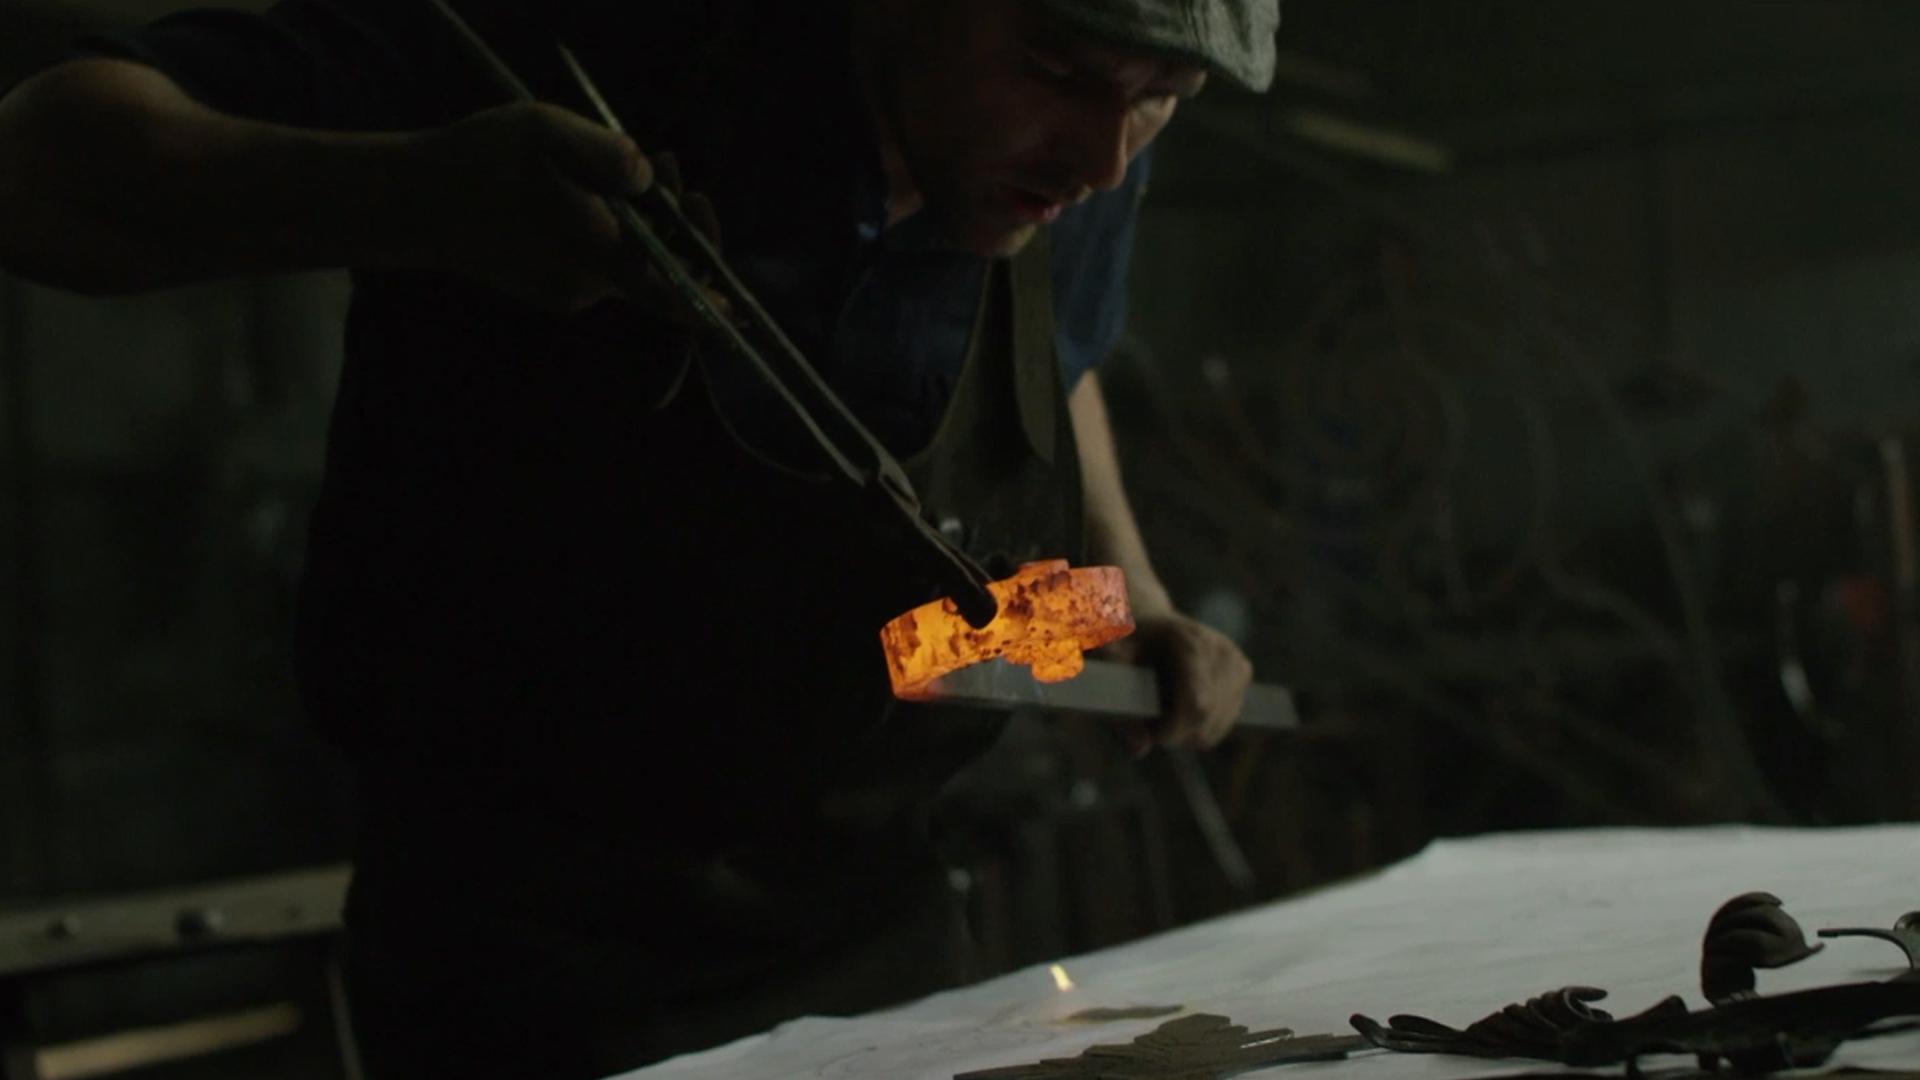 Mężczyzna chuchający na rozgrzane żelazo